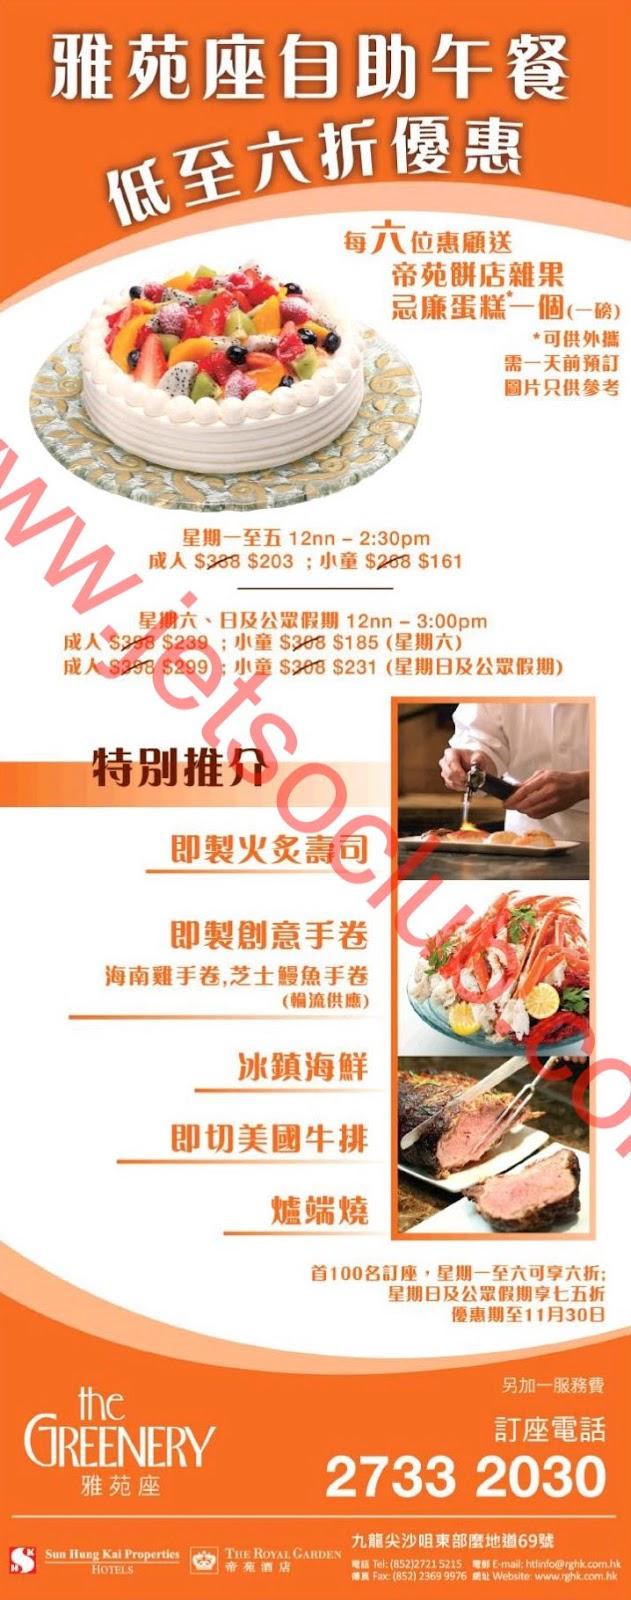 帝苑酒店:自助午餐 低至6折(至30/11) ( Jetso Club 著數俱樂部 )